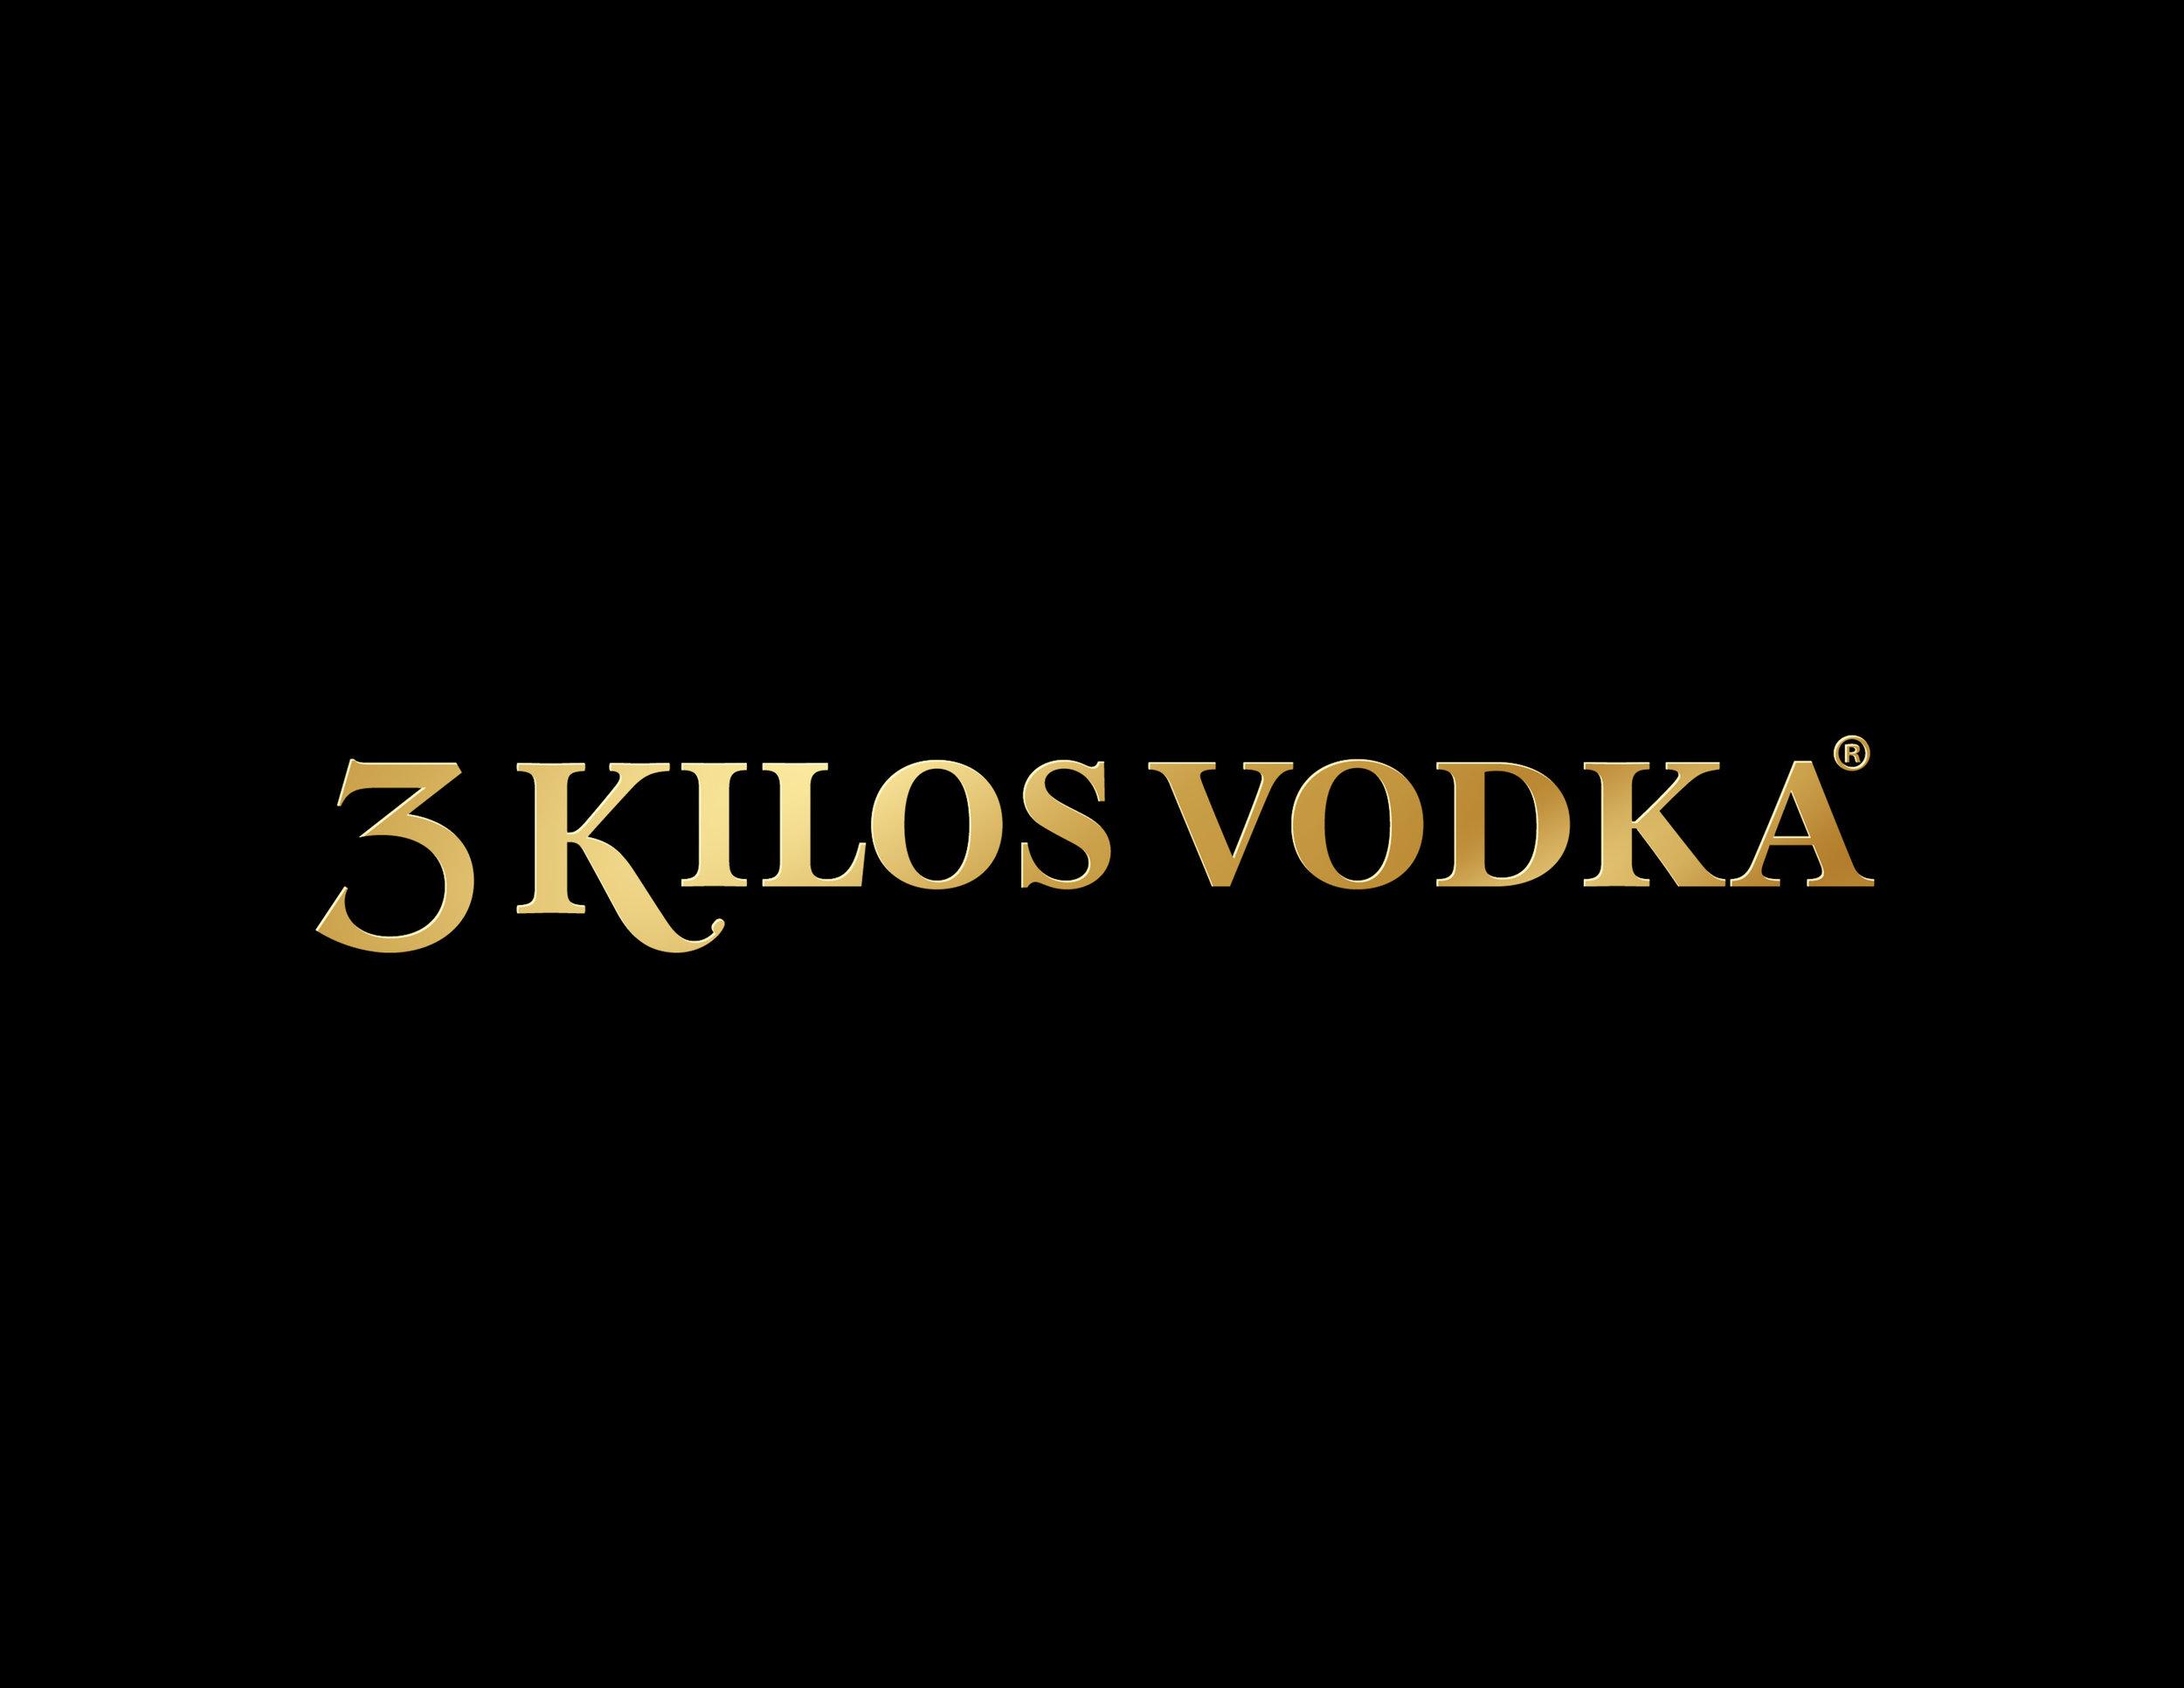 Design: Petr Dubecky & Tomas Nedoma